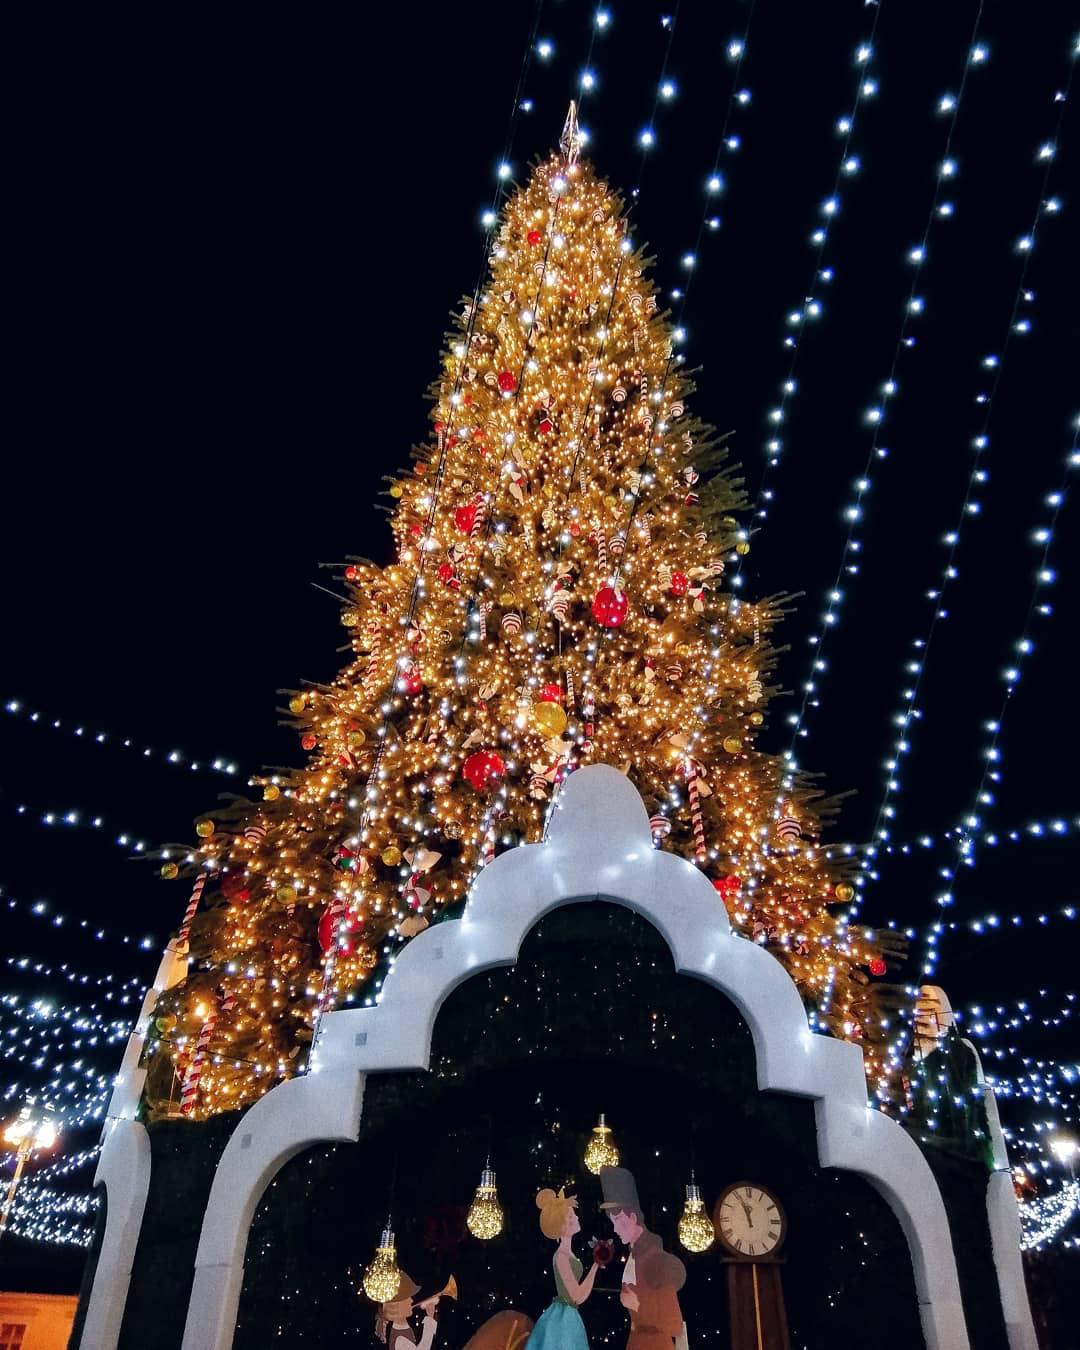 Все-таки в последнюю неделю главной локацией стала именно елка на Софийской площади. Фото - @viktoria_v111